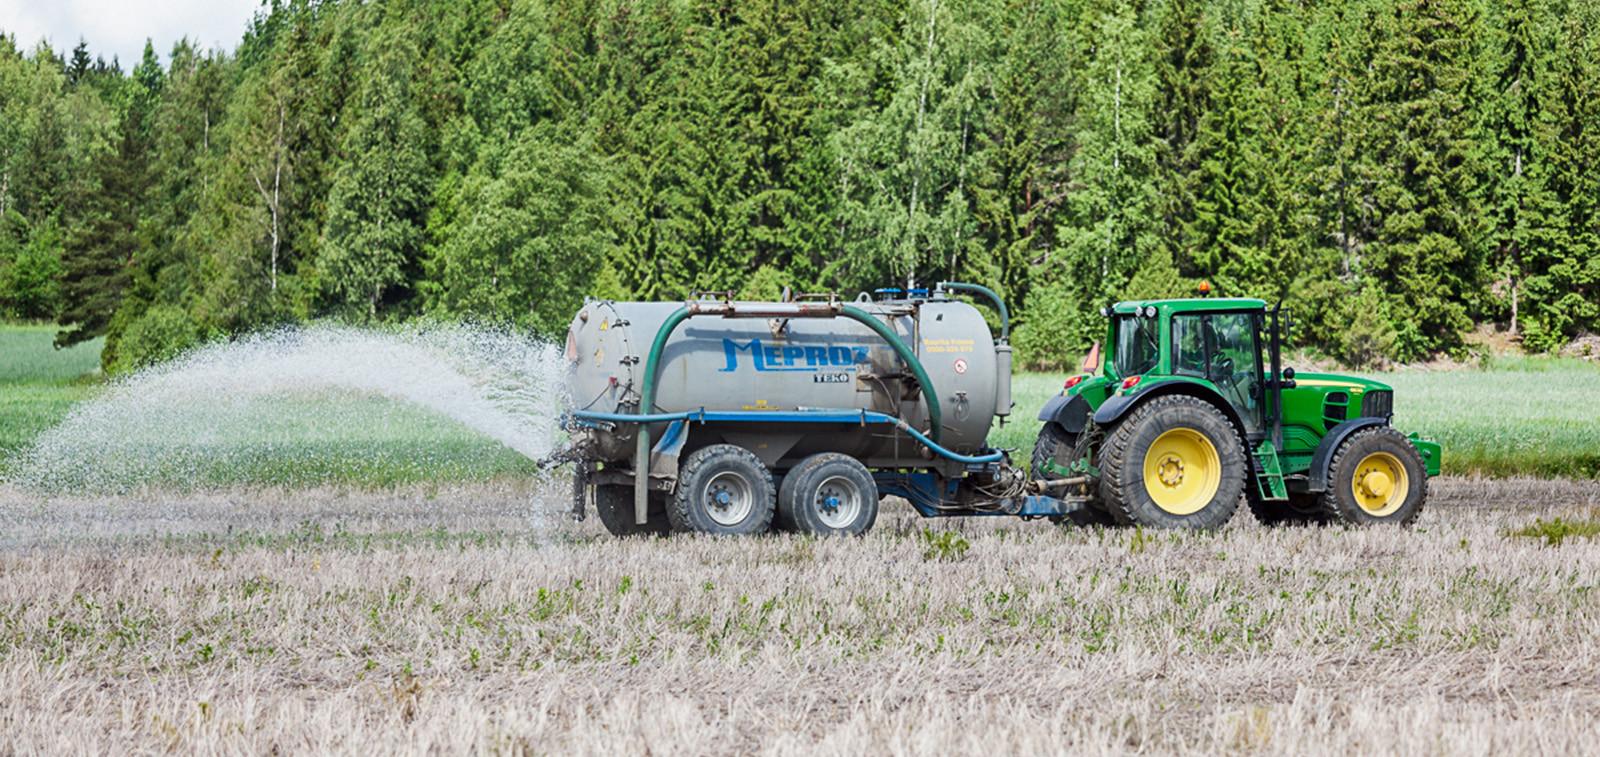 Sako- ja umpikaivolietettä levitetään pellolle traktorilla ja lietevaunulla